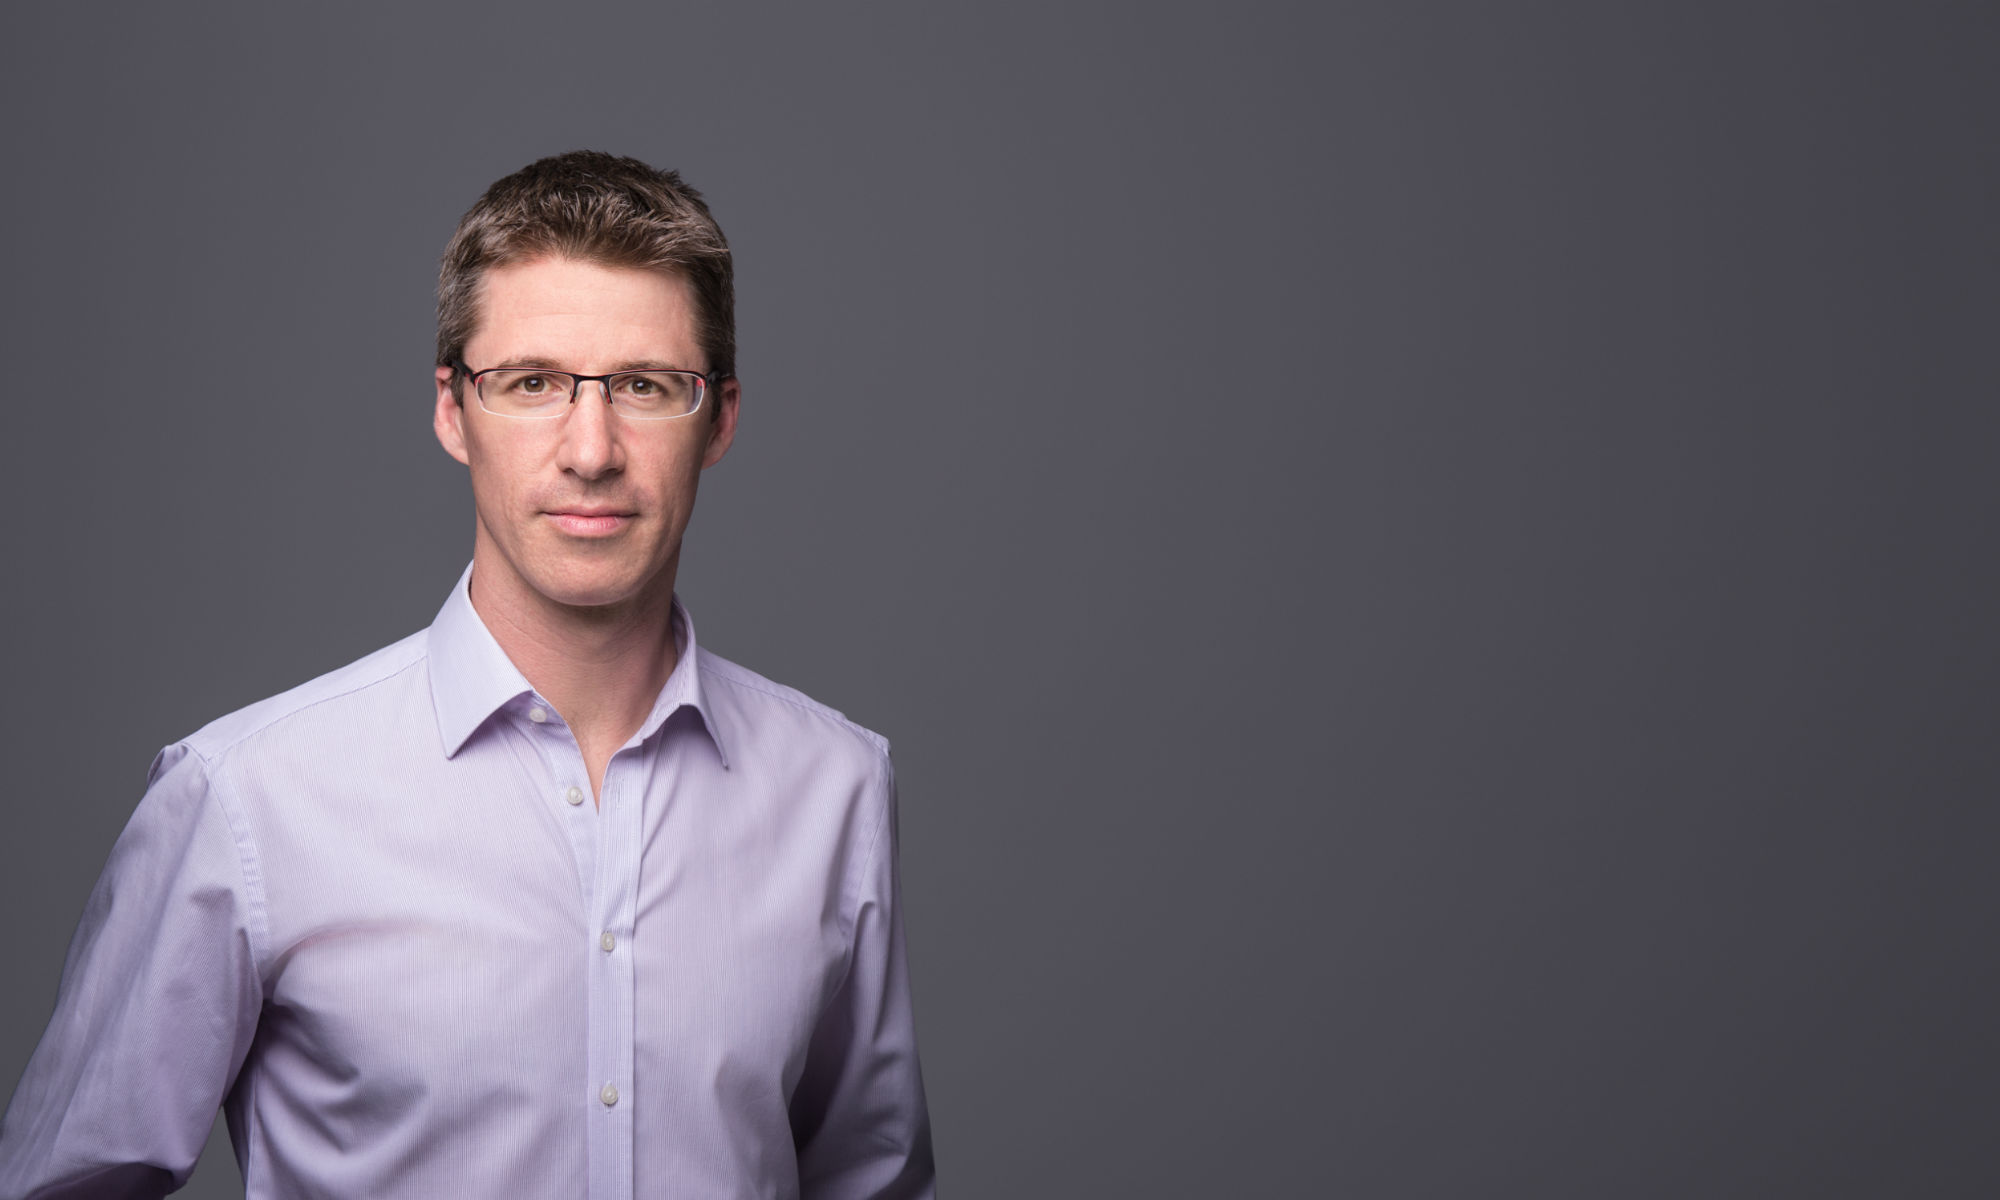 Dr Martin Becker